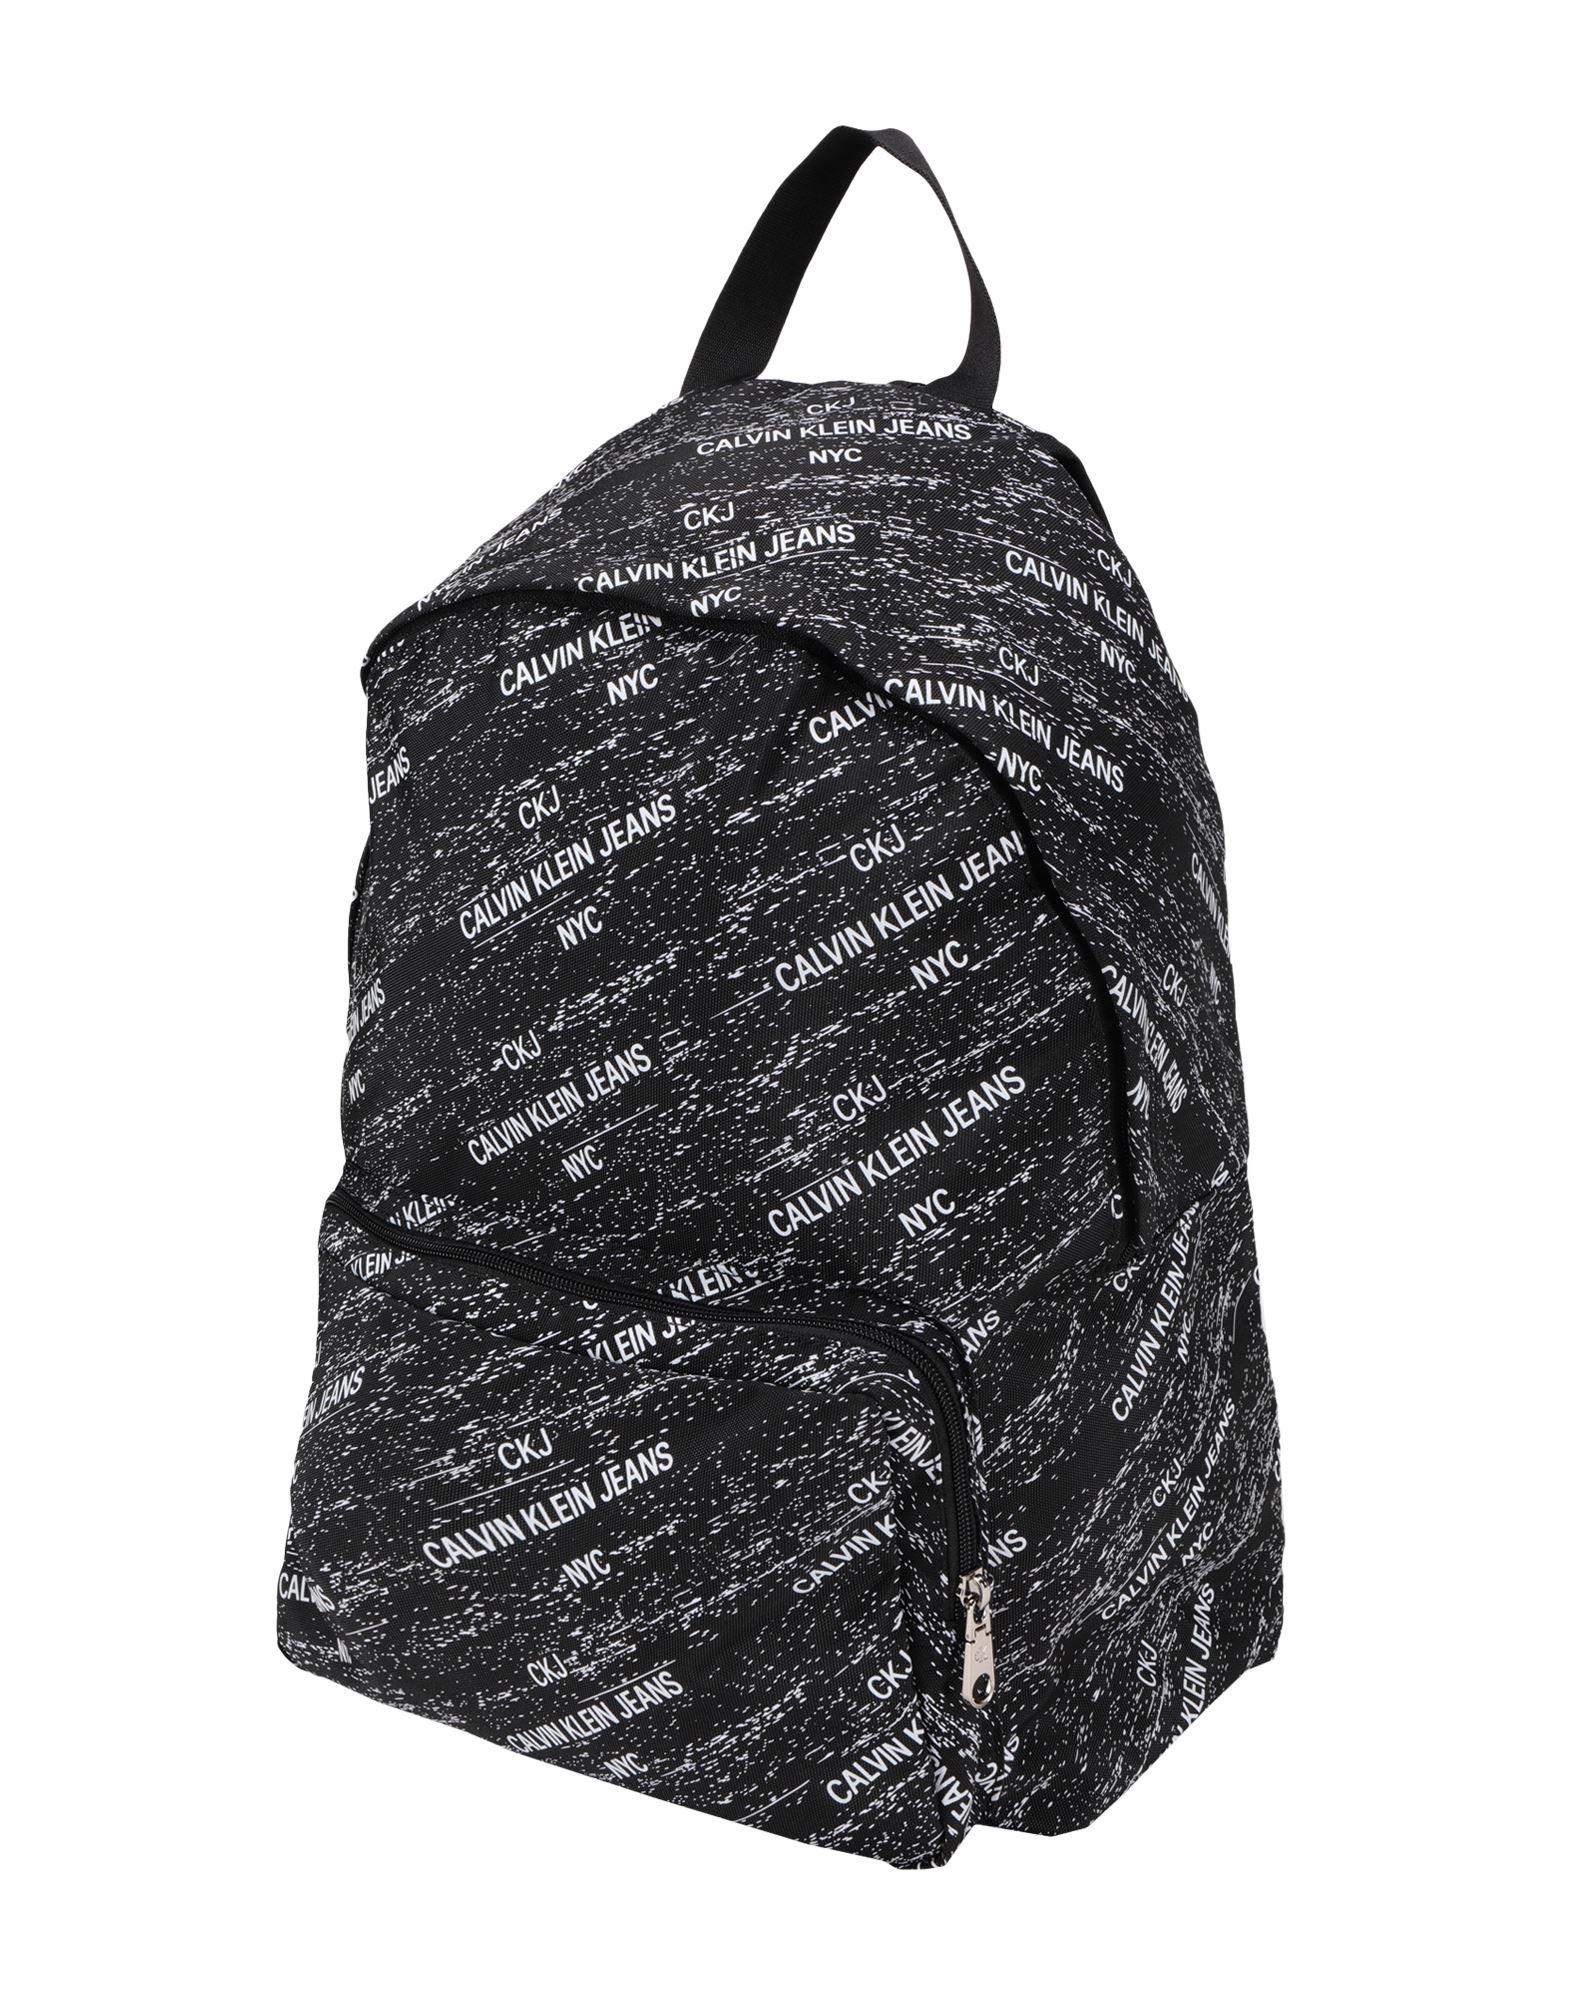 CALVIN KLEIN JEANS Backpacks & Fanny packs - Item 45560796